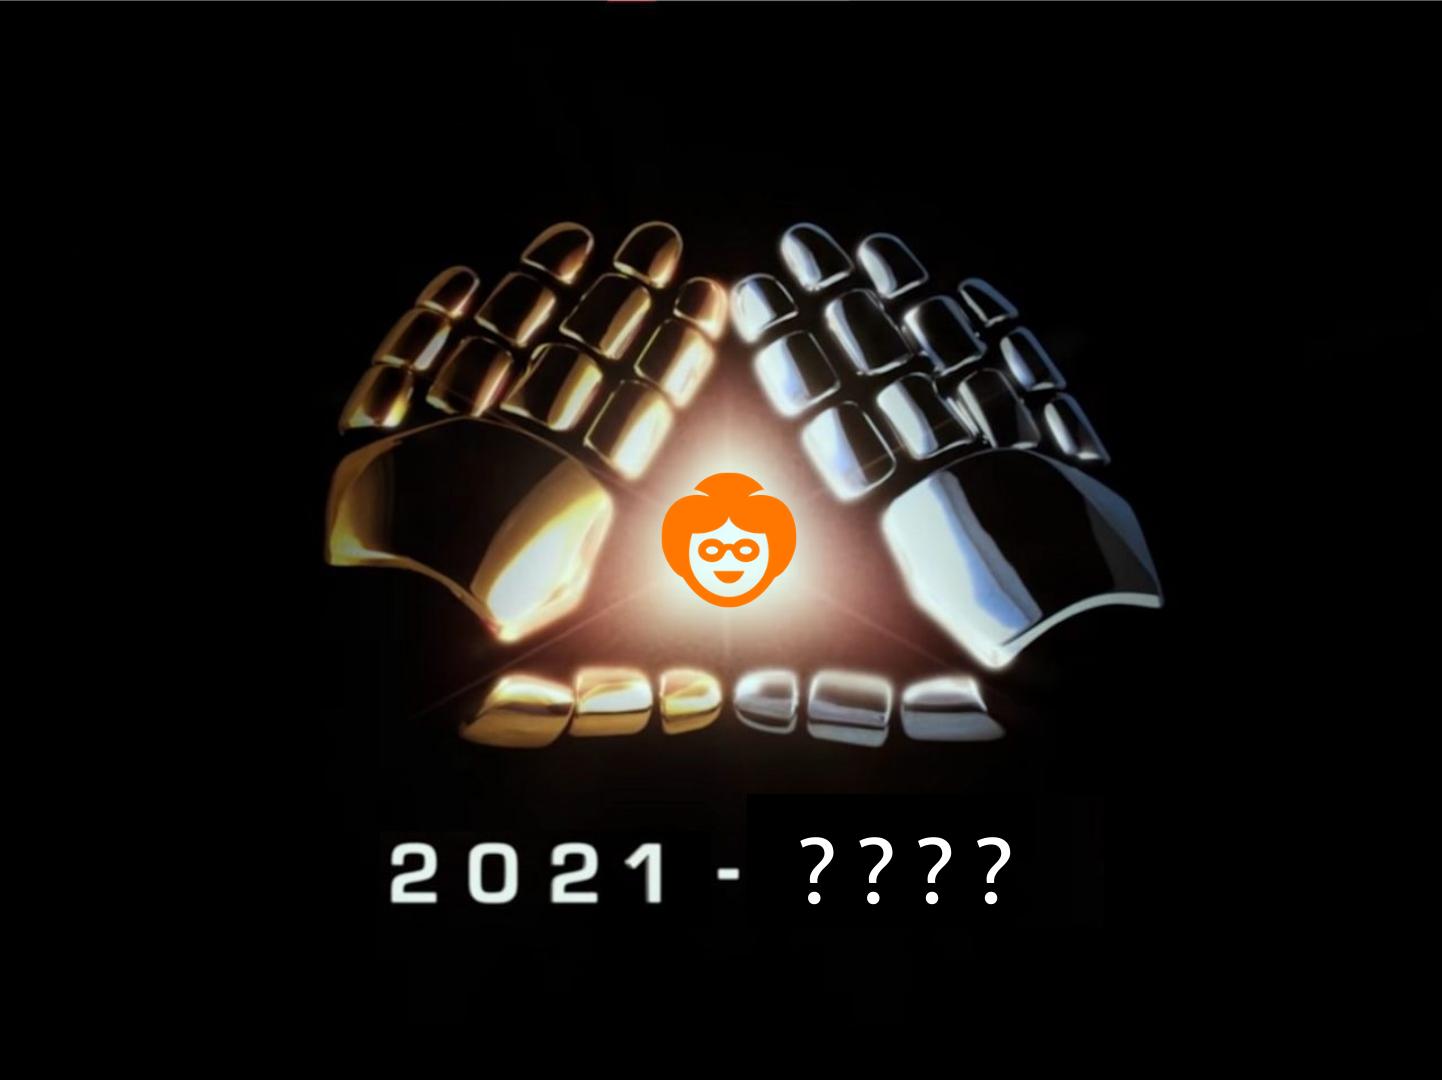 Daft Punk 2021.png